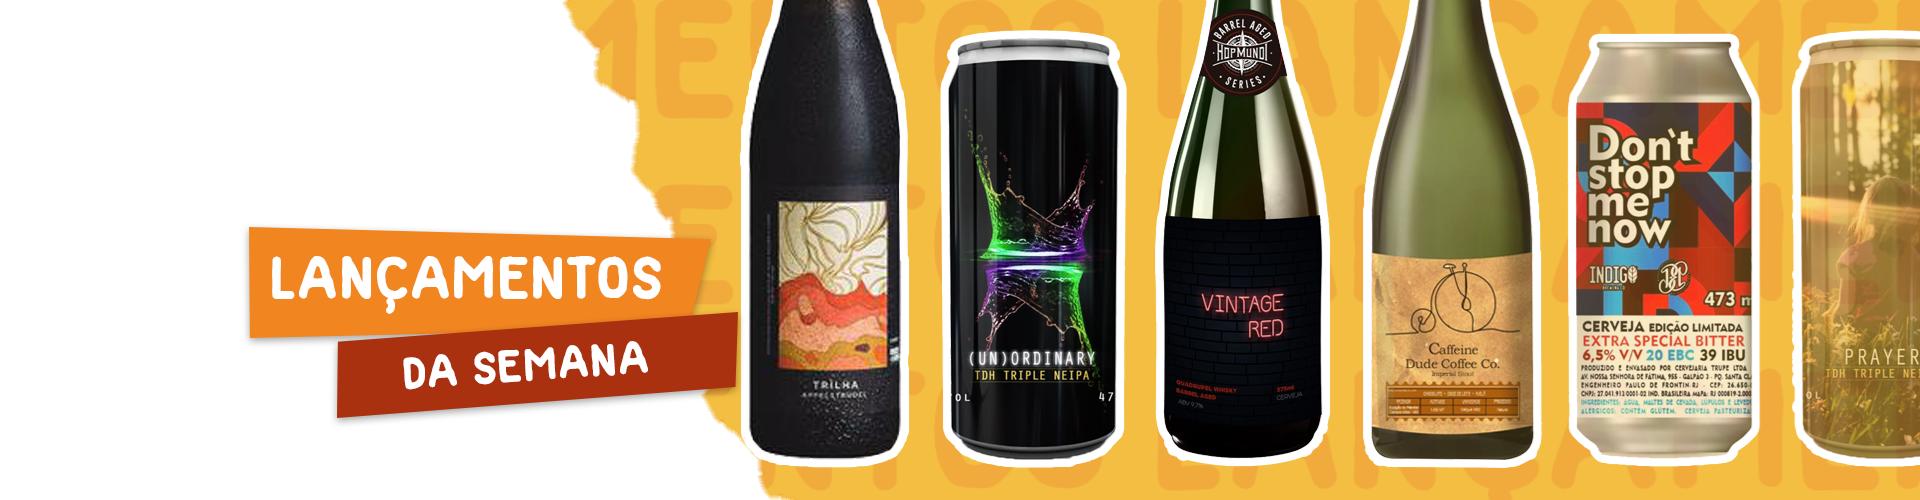 lançamentos da semana cervejas